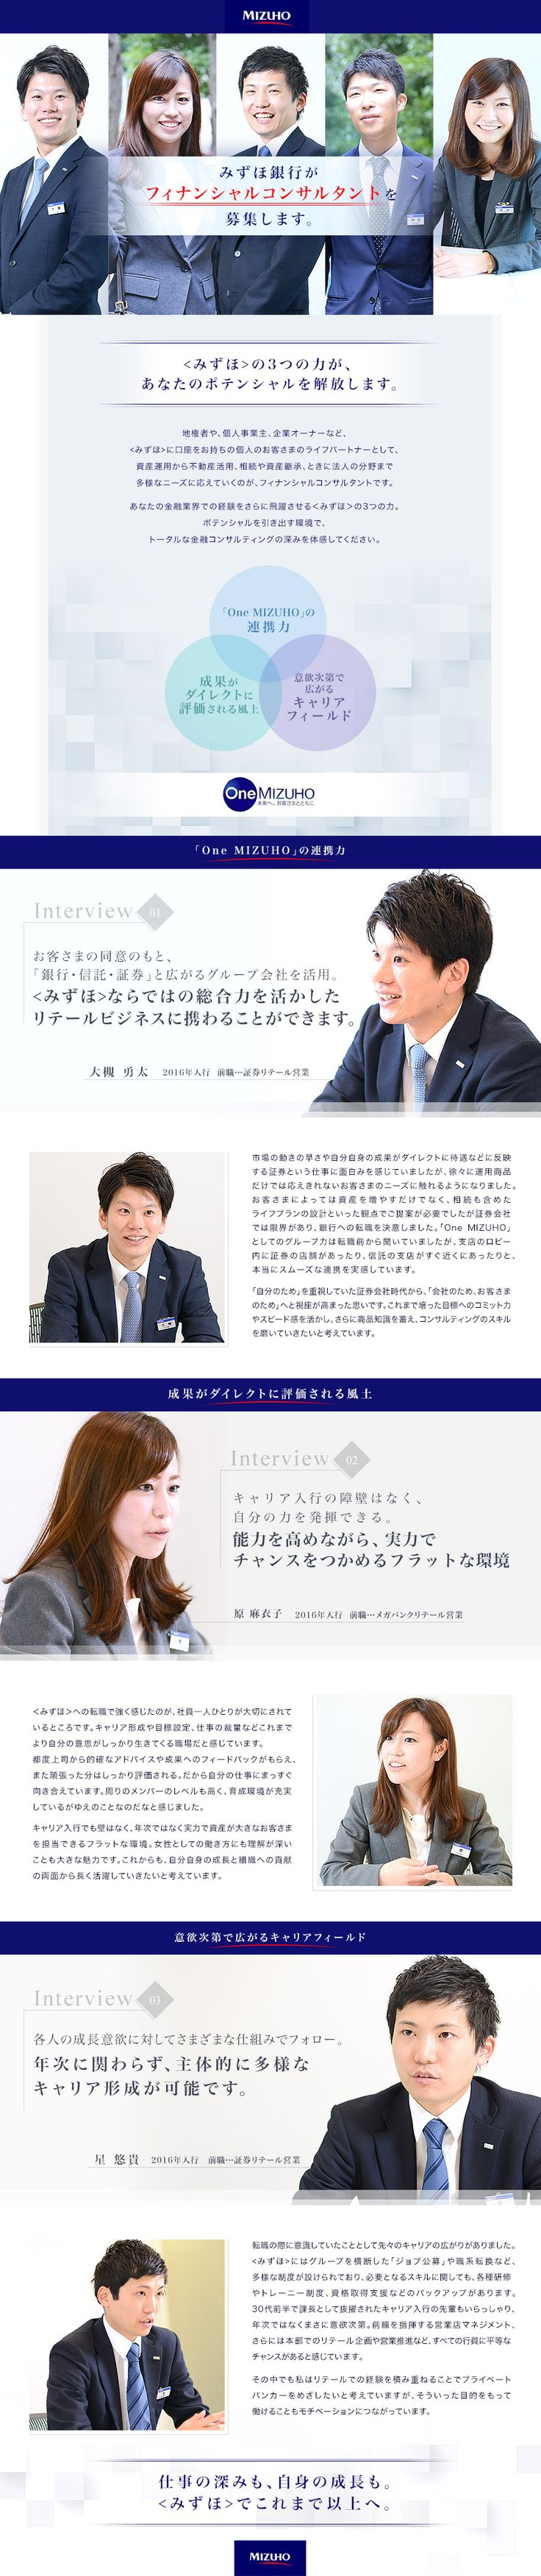 株式会社みずほ銀行 (Mizuho Bank, Ltd.)/フィナンシャルコンサルタント(個人営業)の求人PR - 転職ならDODA(デューダ)